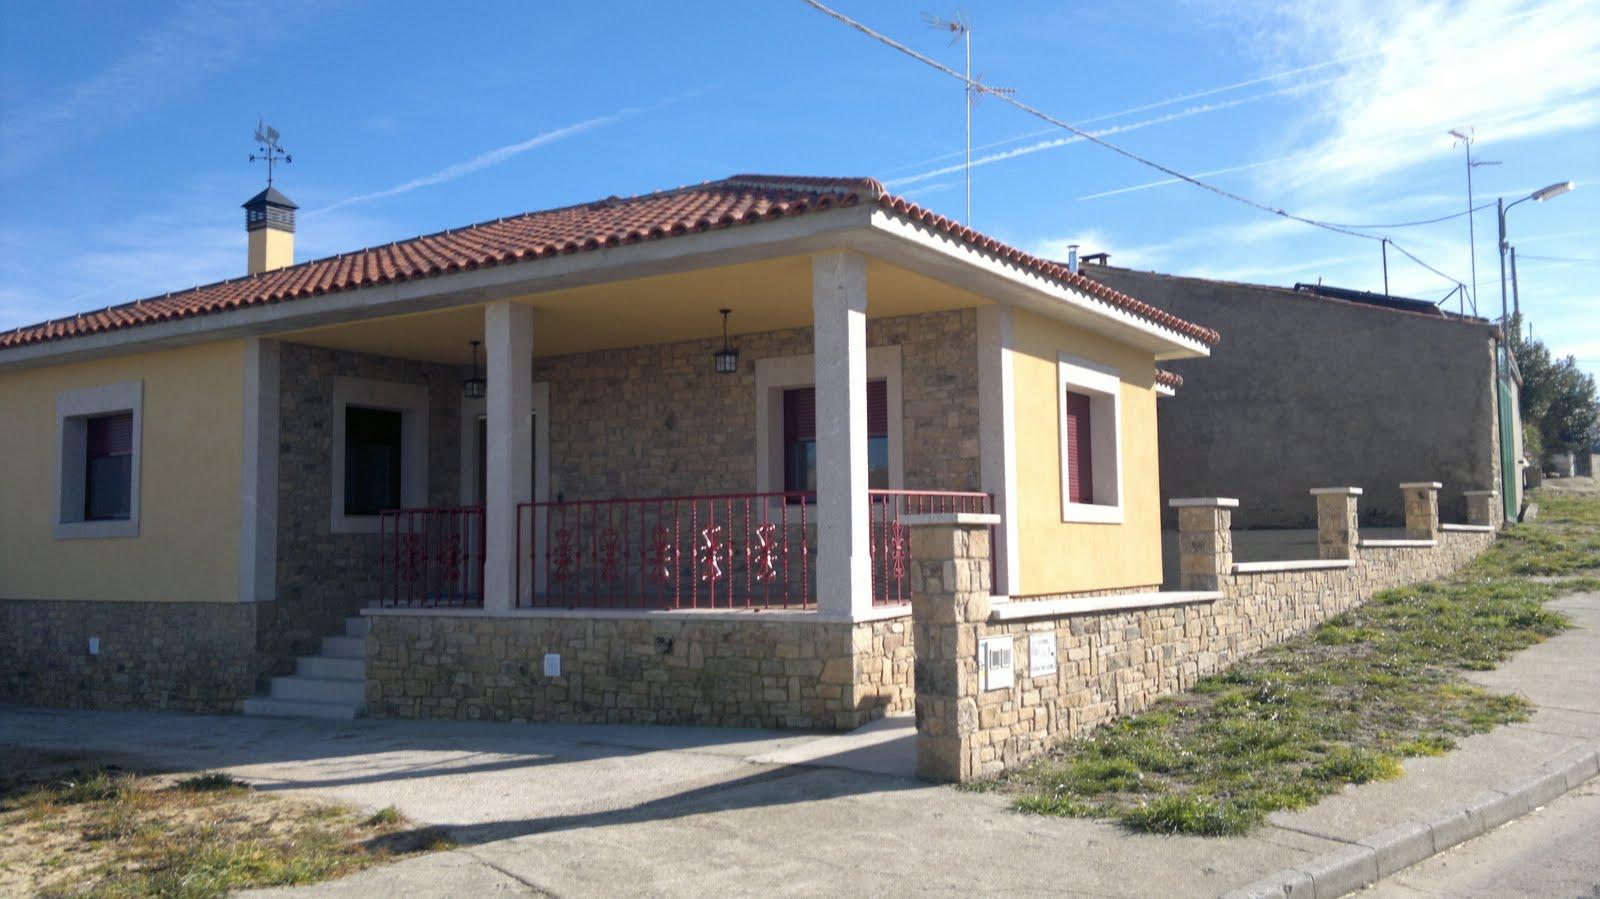 Urbana villa de guadramiro - Fachadas casas de pueblo ...